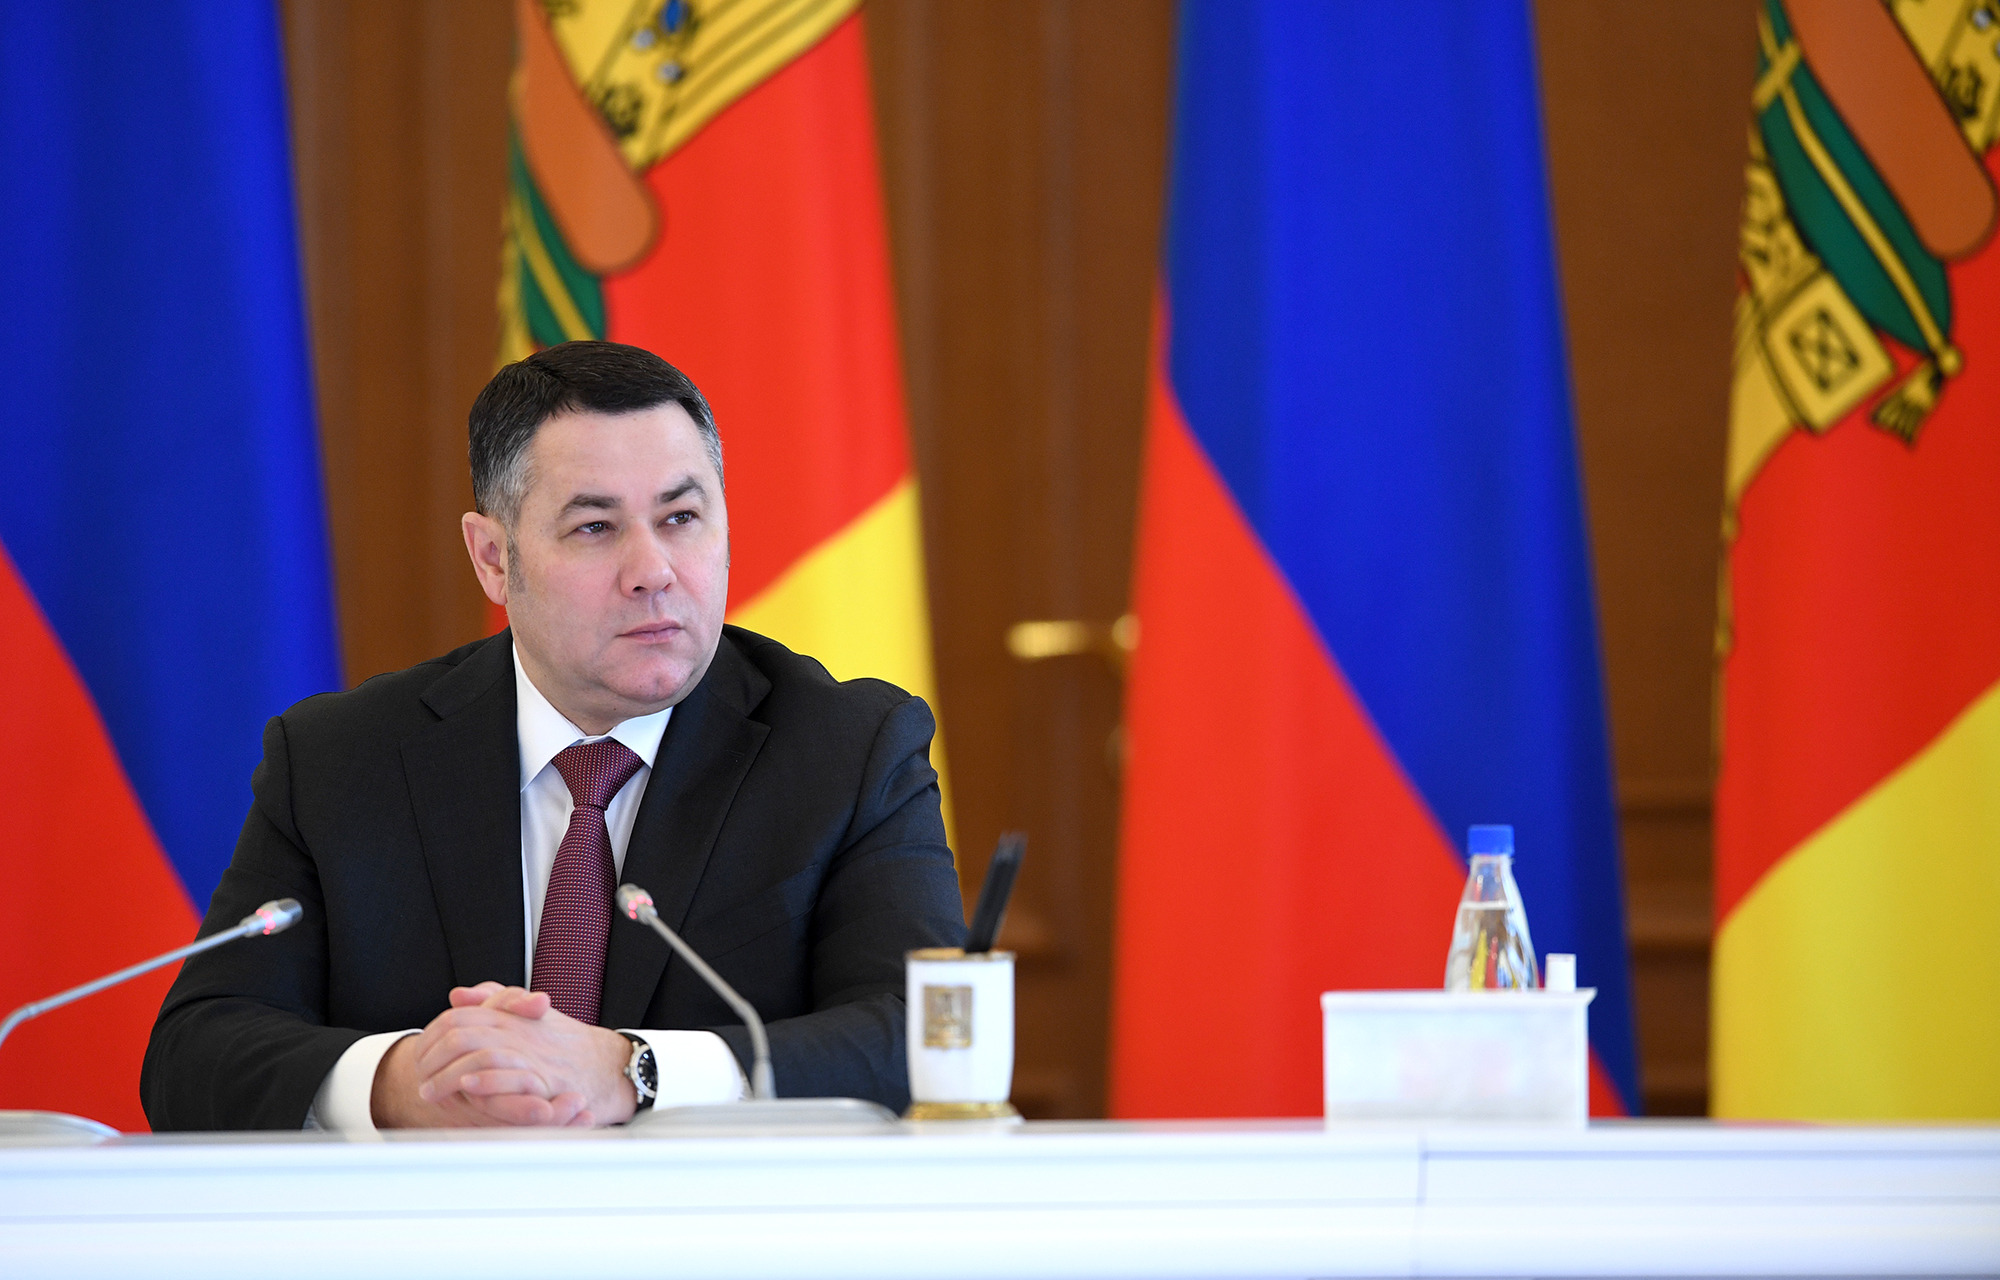 Новые городские пространства и центры деловой активности появятся в Тверской области